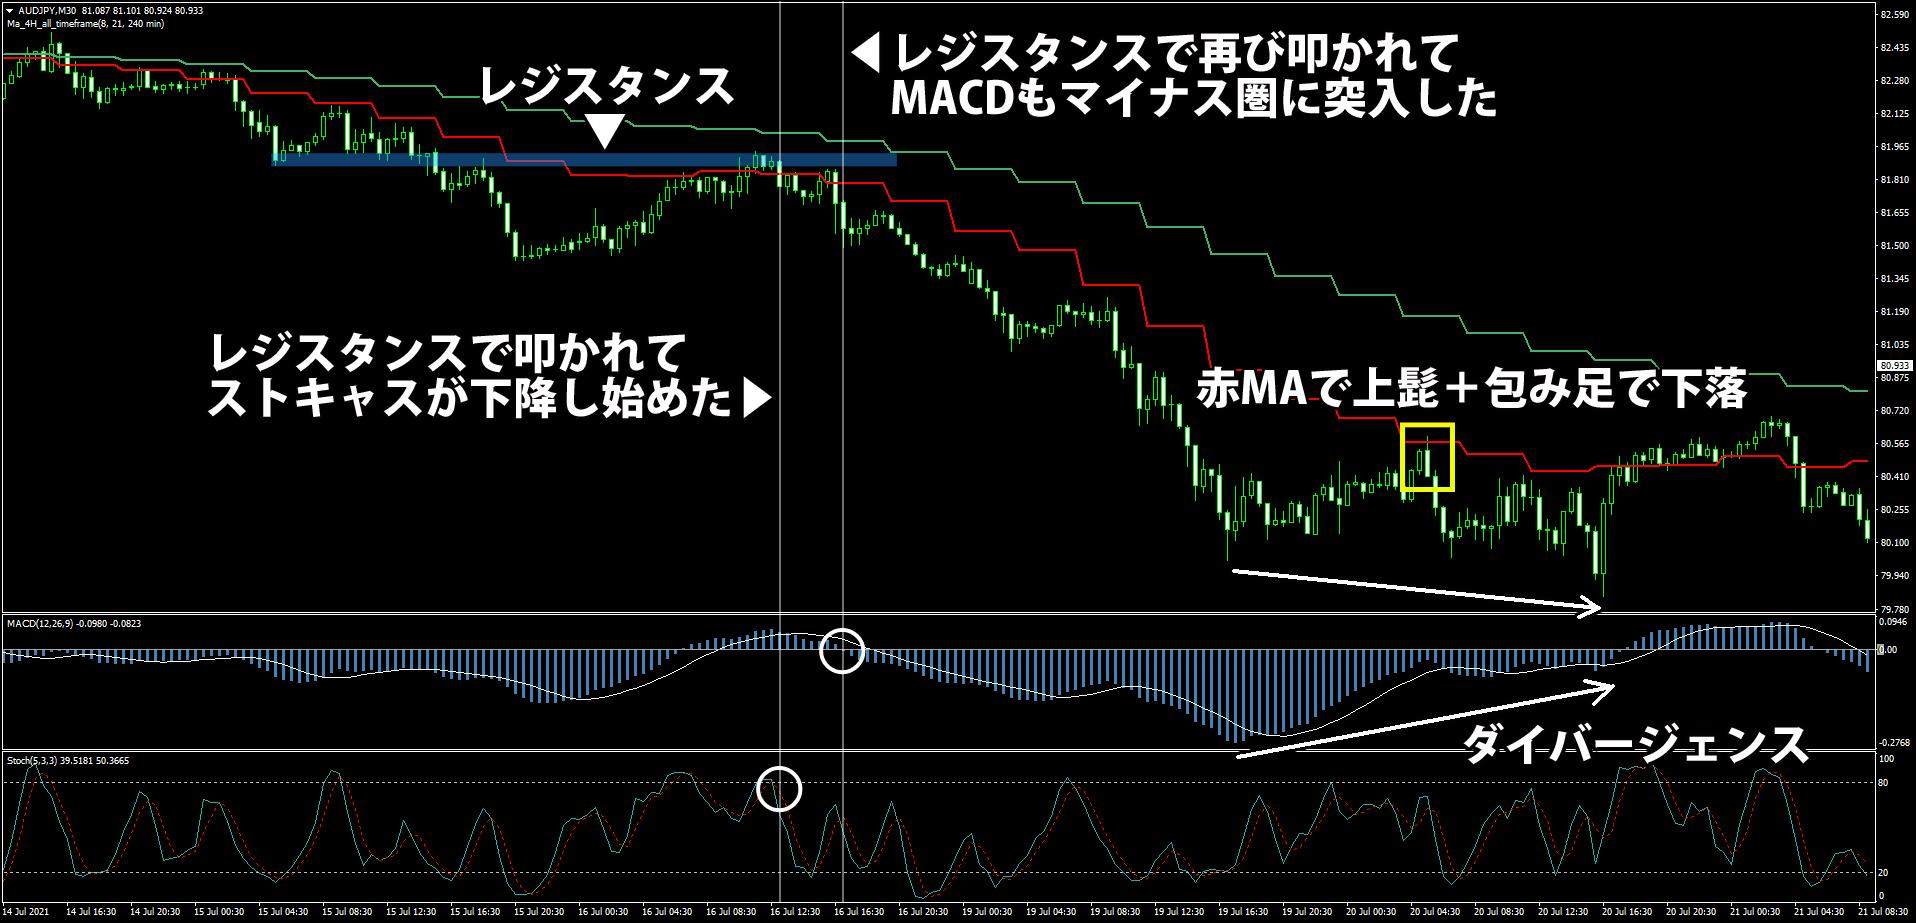 オージー円でのPullback Indicator活用事例